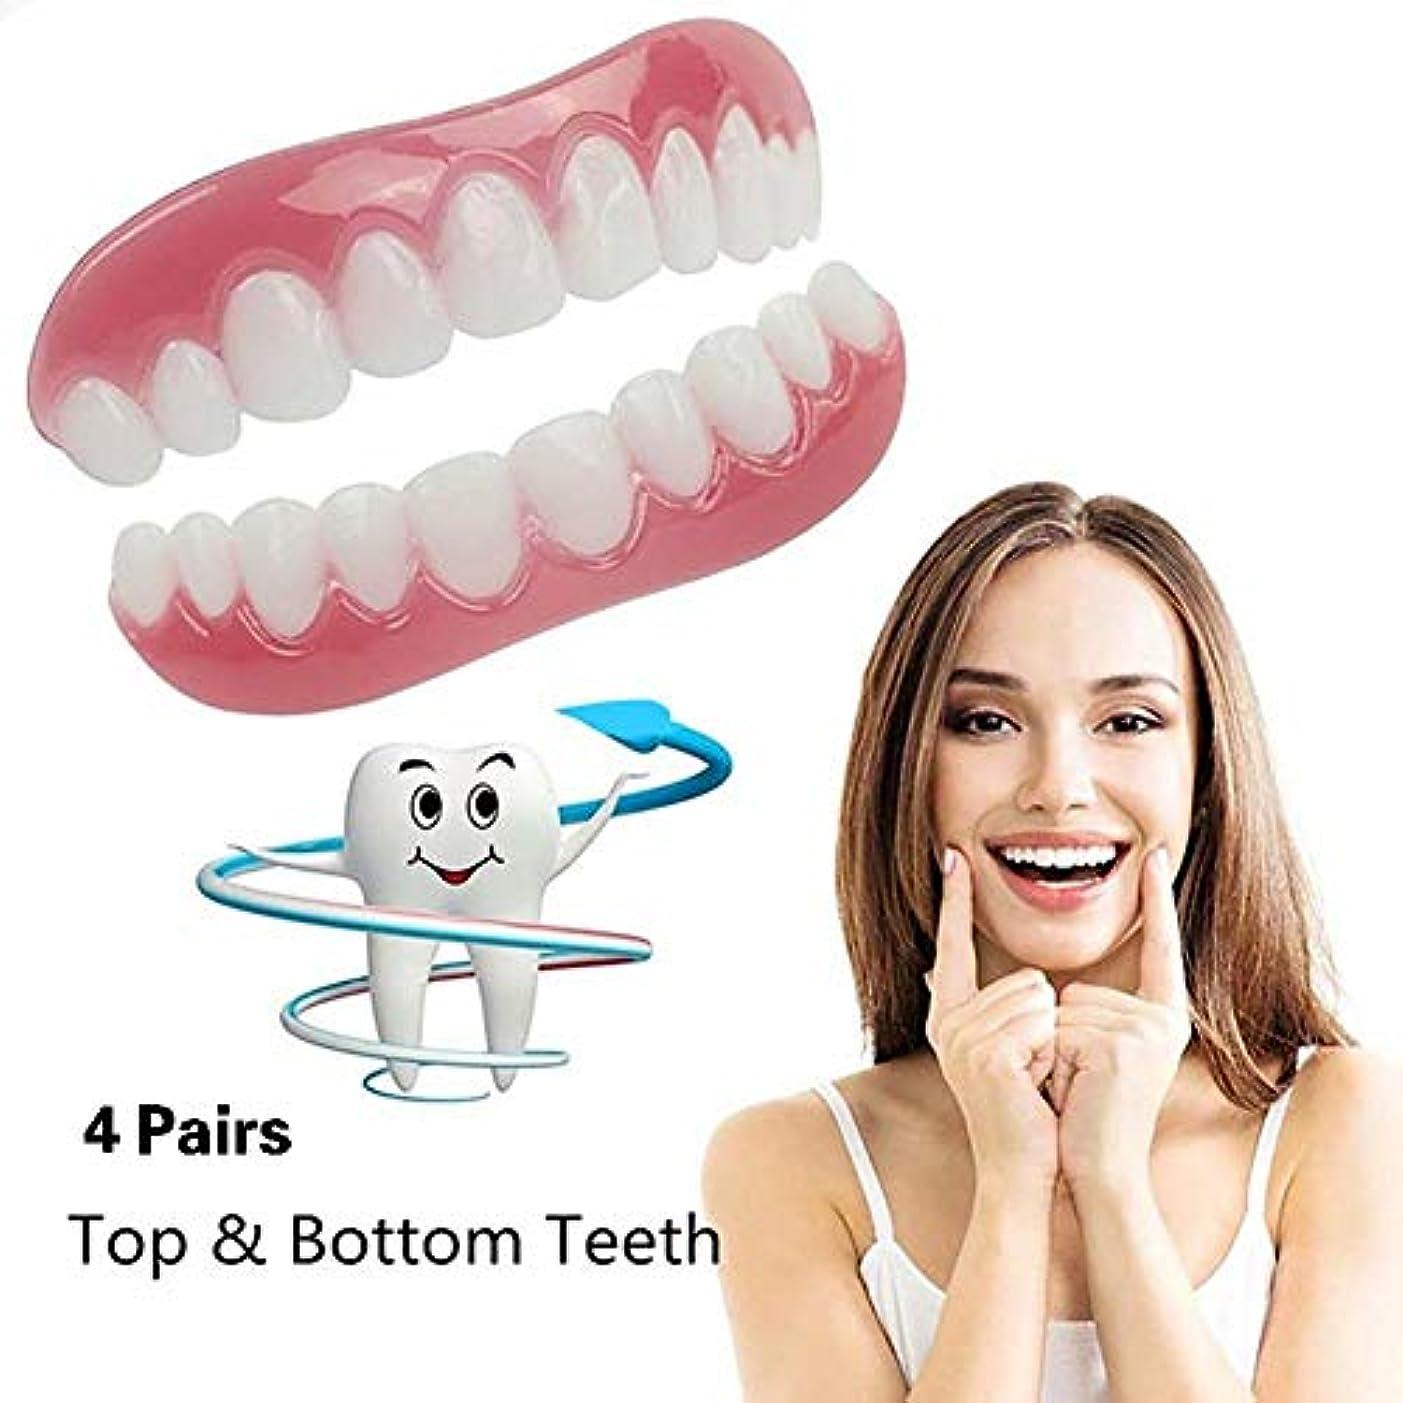 リルのみ愚か8本のシリコーンの歯のベニヤ化粧品の歯のスナップオンセキュアアッパーローフレックス歯科用ベニヤ義歯ケアホワイトニングパーフェクトトゥースワンサイズフィットすべて